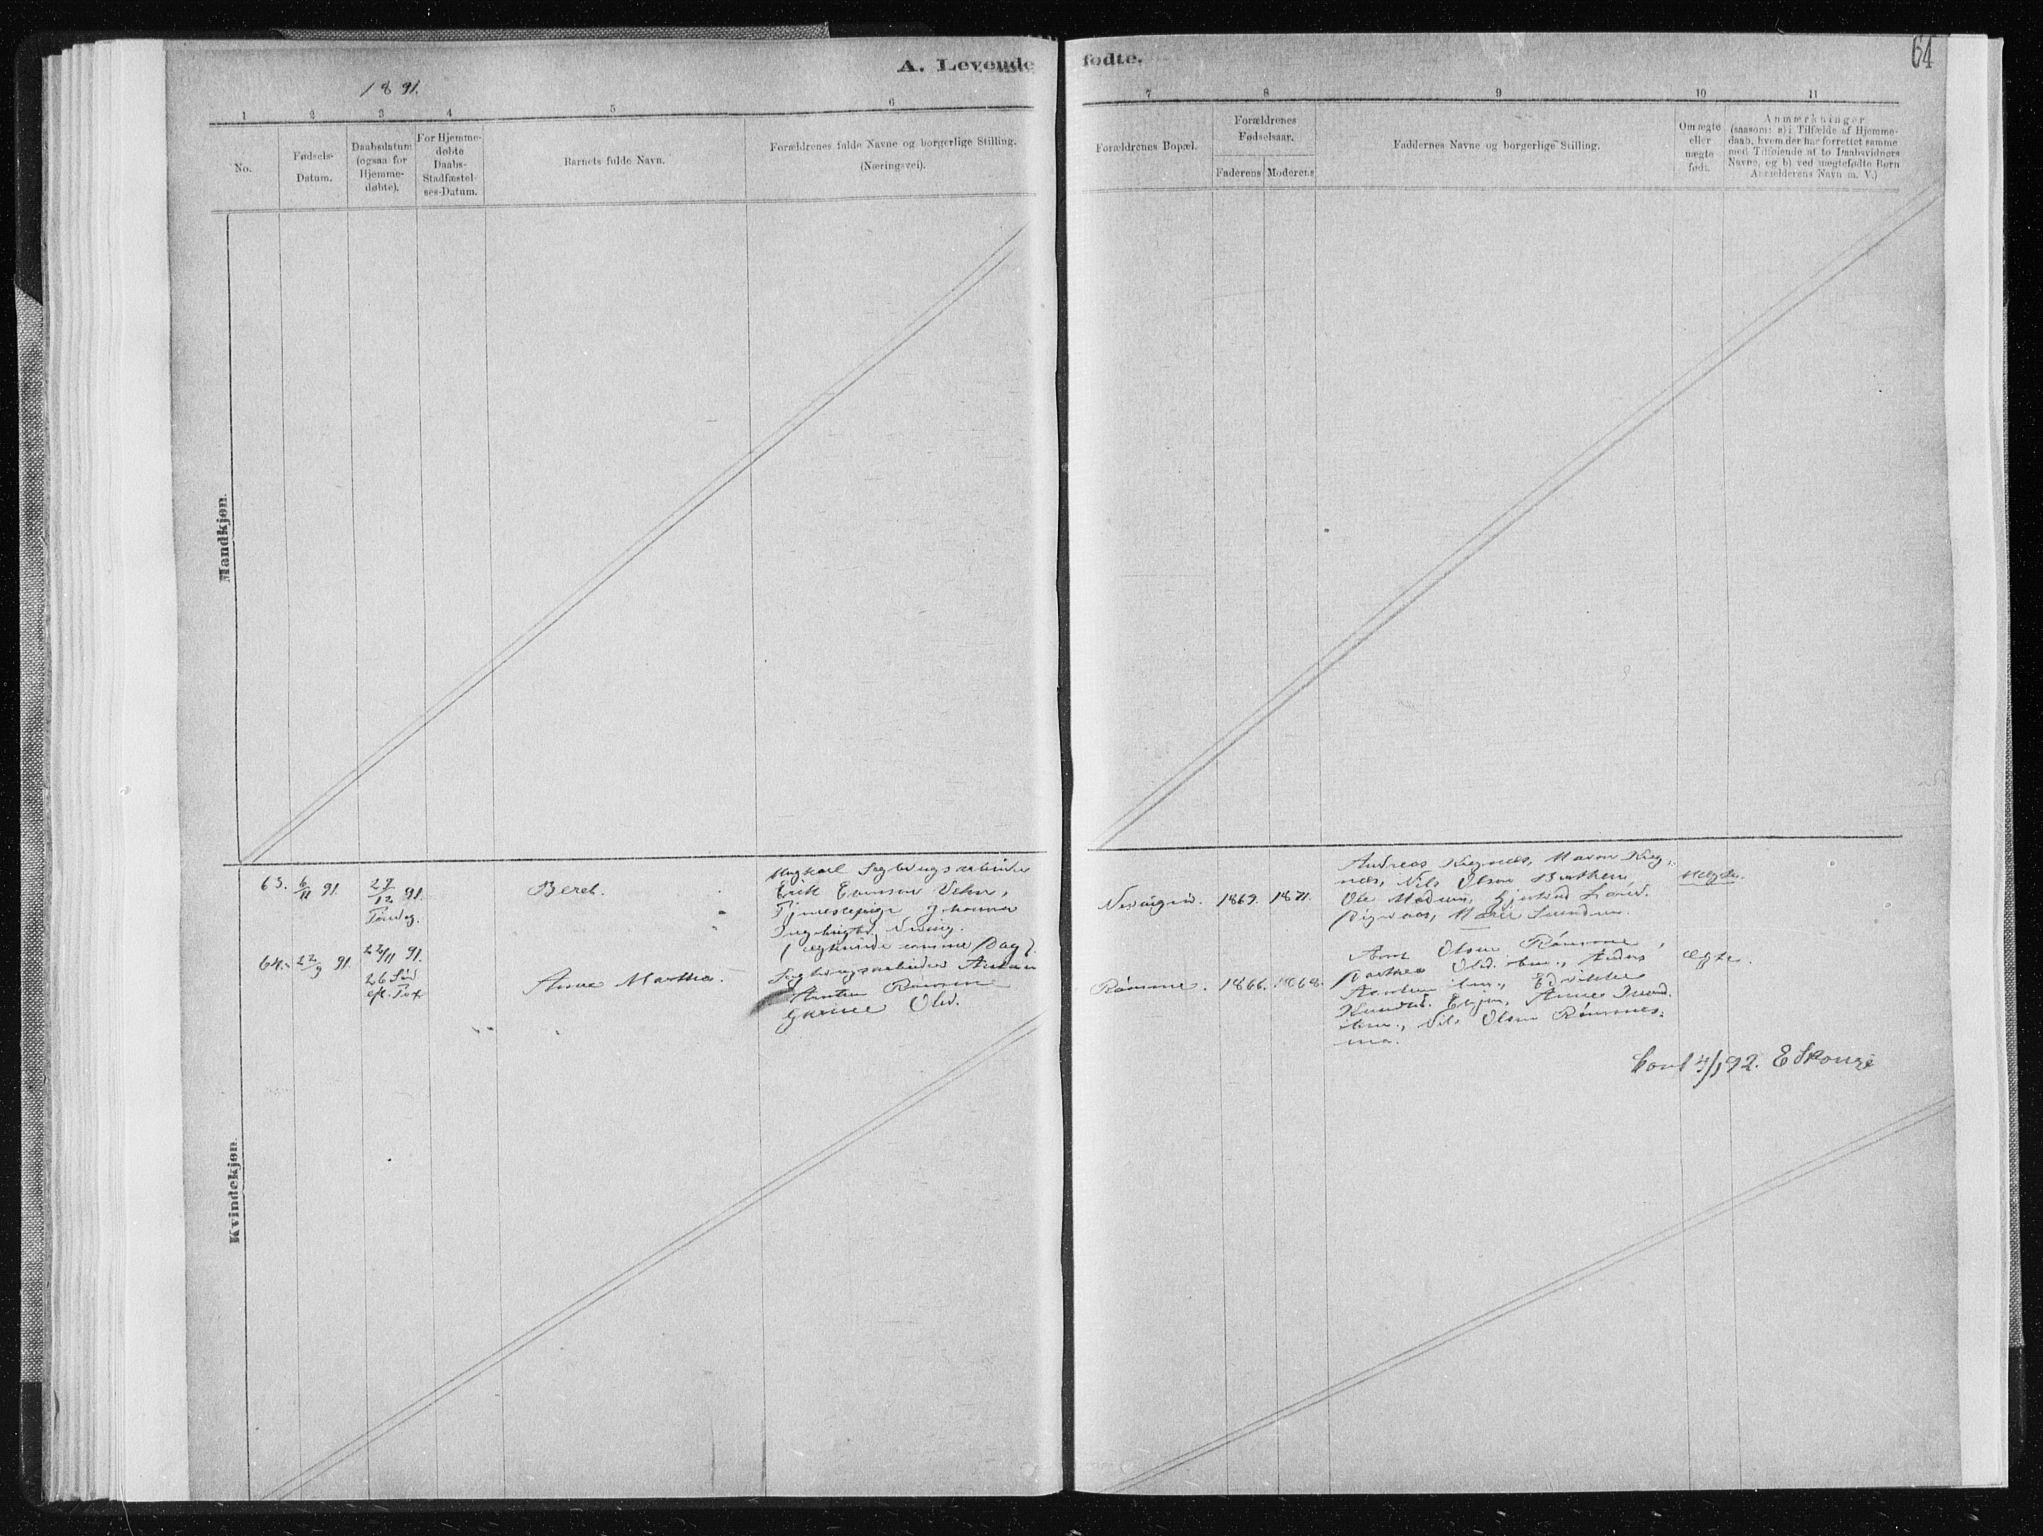 SAT, Ministerialprotokoller, klokkerbøker og fødselsregistre - Sør-Trøndelag, 668/L0818: Klokkerbok nr. 668C07, 1885-1898, s. 64